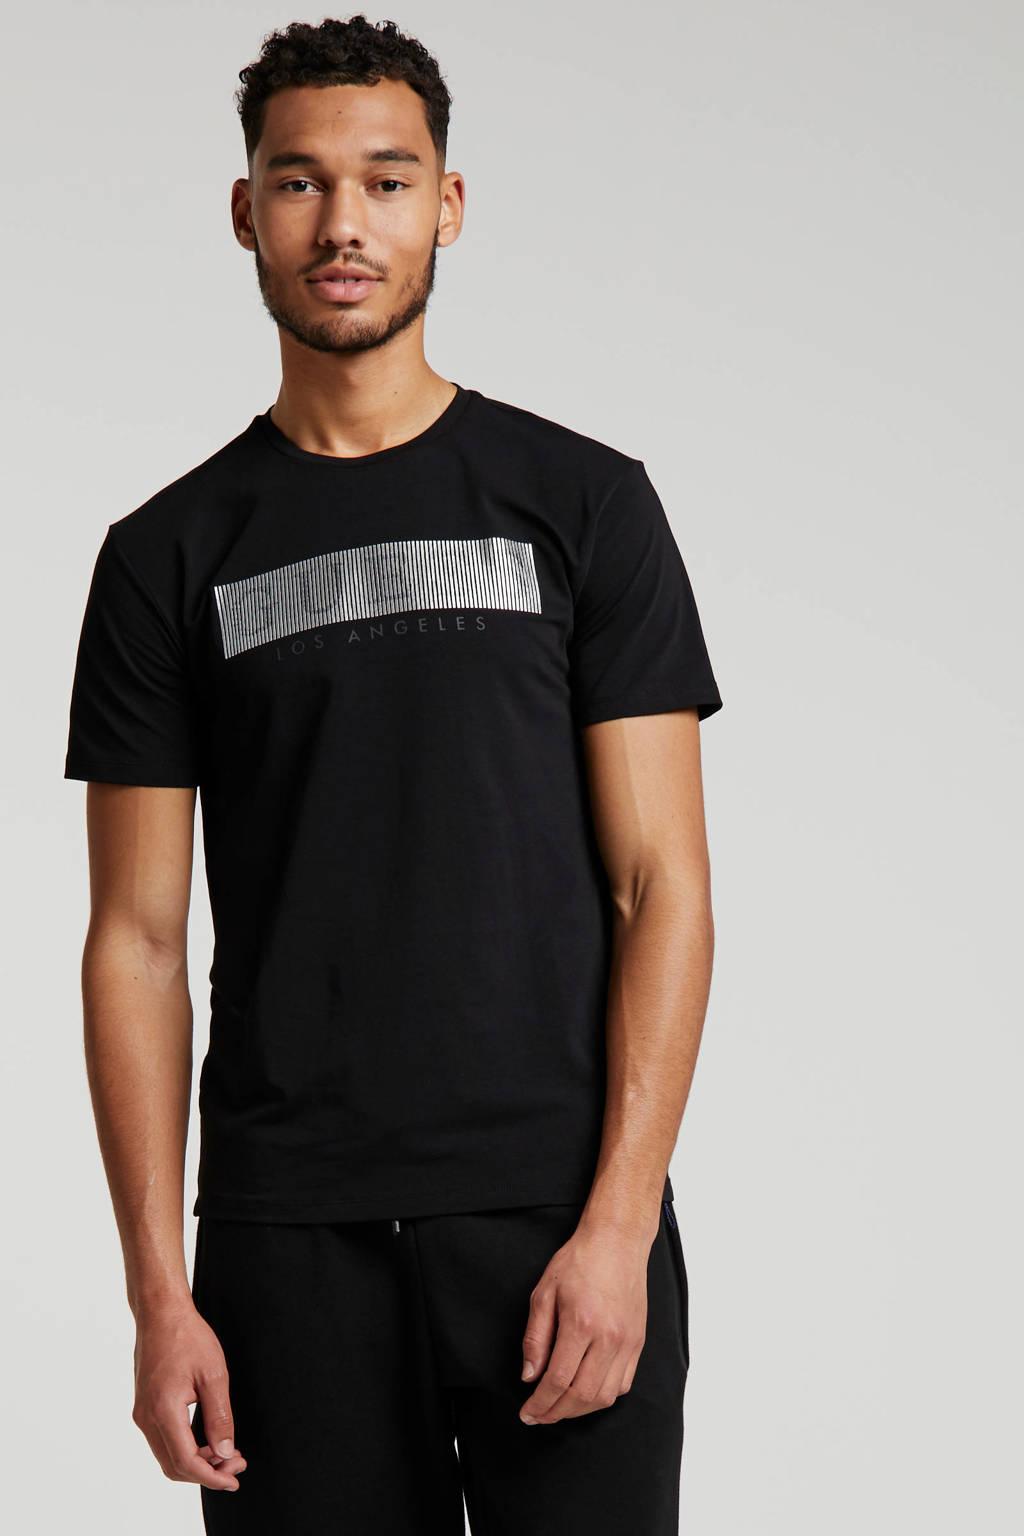 GUESS T-shirt met printopdruk zwart/zilver, Zwart/zilver